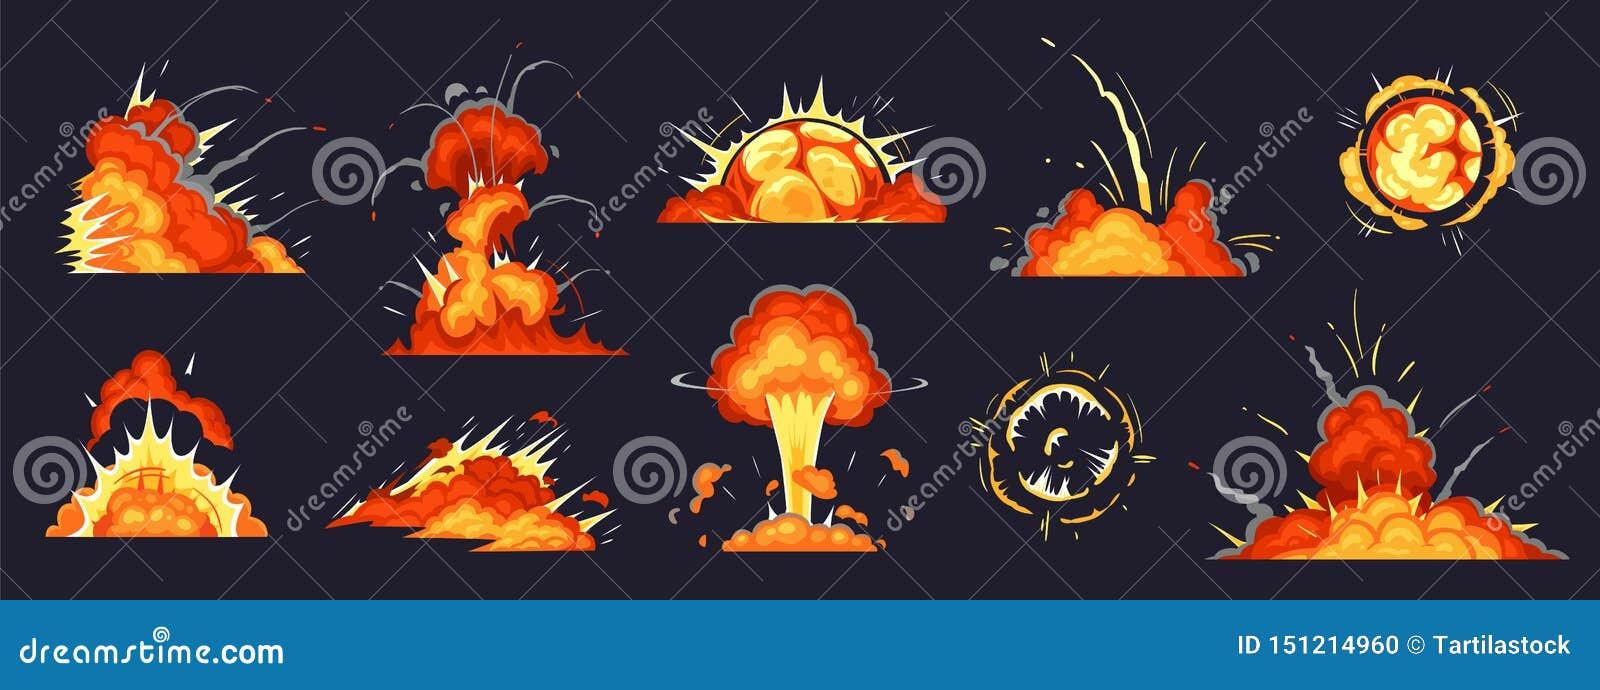 Έκρηξη βομβών κινούμενων σχεδίων Οι εκρήξεις δυναμίτη, η εκρηκτική εκπυρσοκρότηση βομβών κινδύνου και οι ατομικές βόμβες καλύπτου